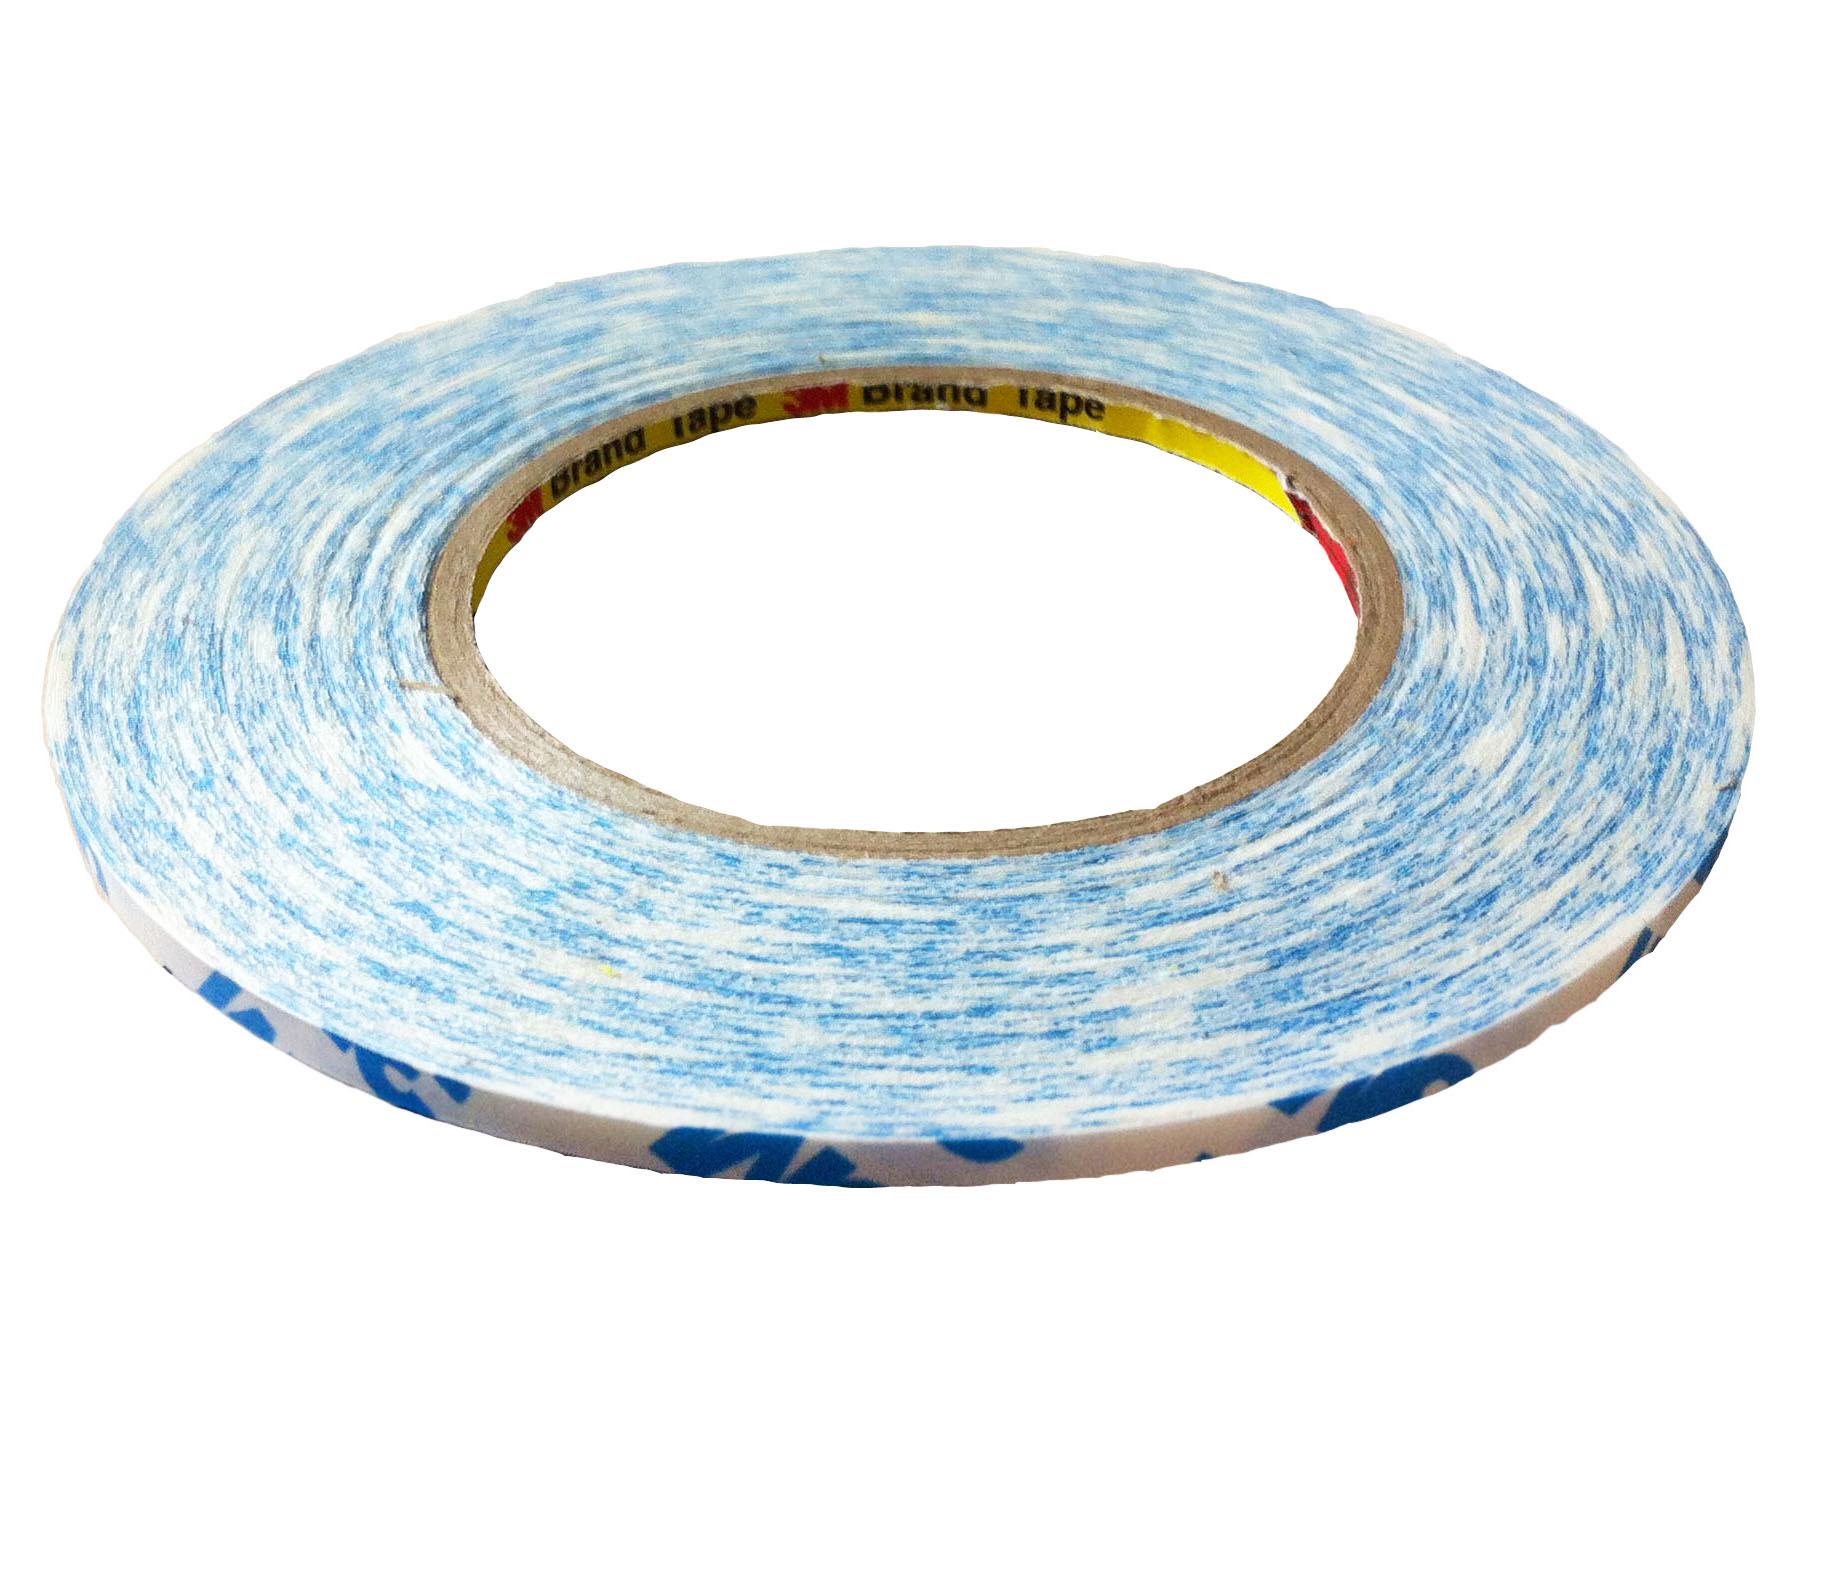 Băng keo 2 mặt chịu nhiệt 3M 90775 5mmx50m (Trắng phối xanh)